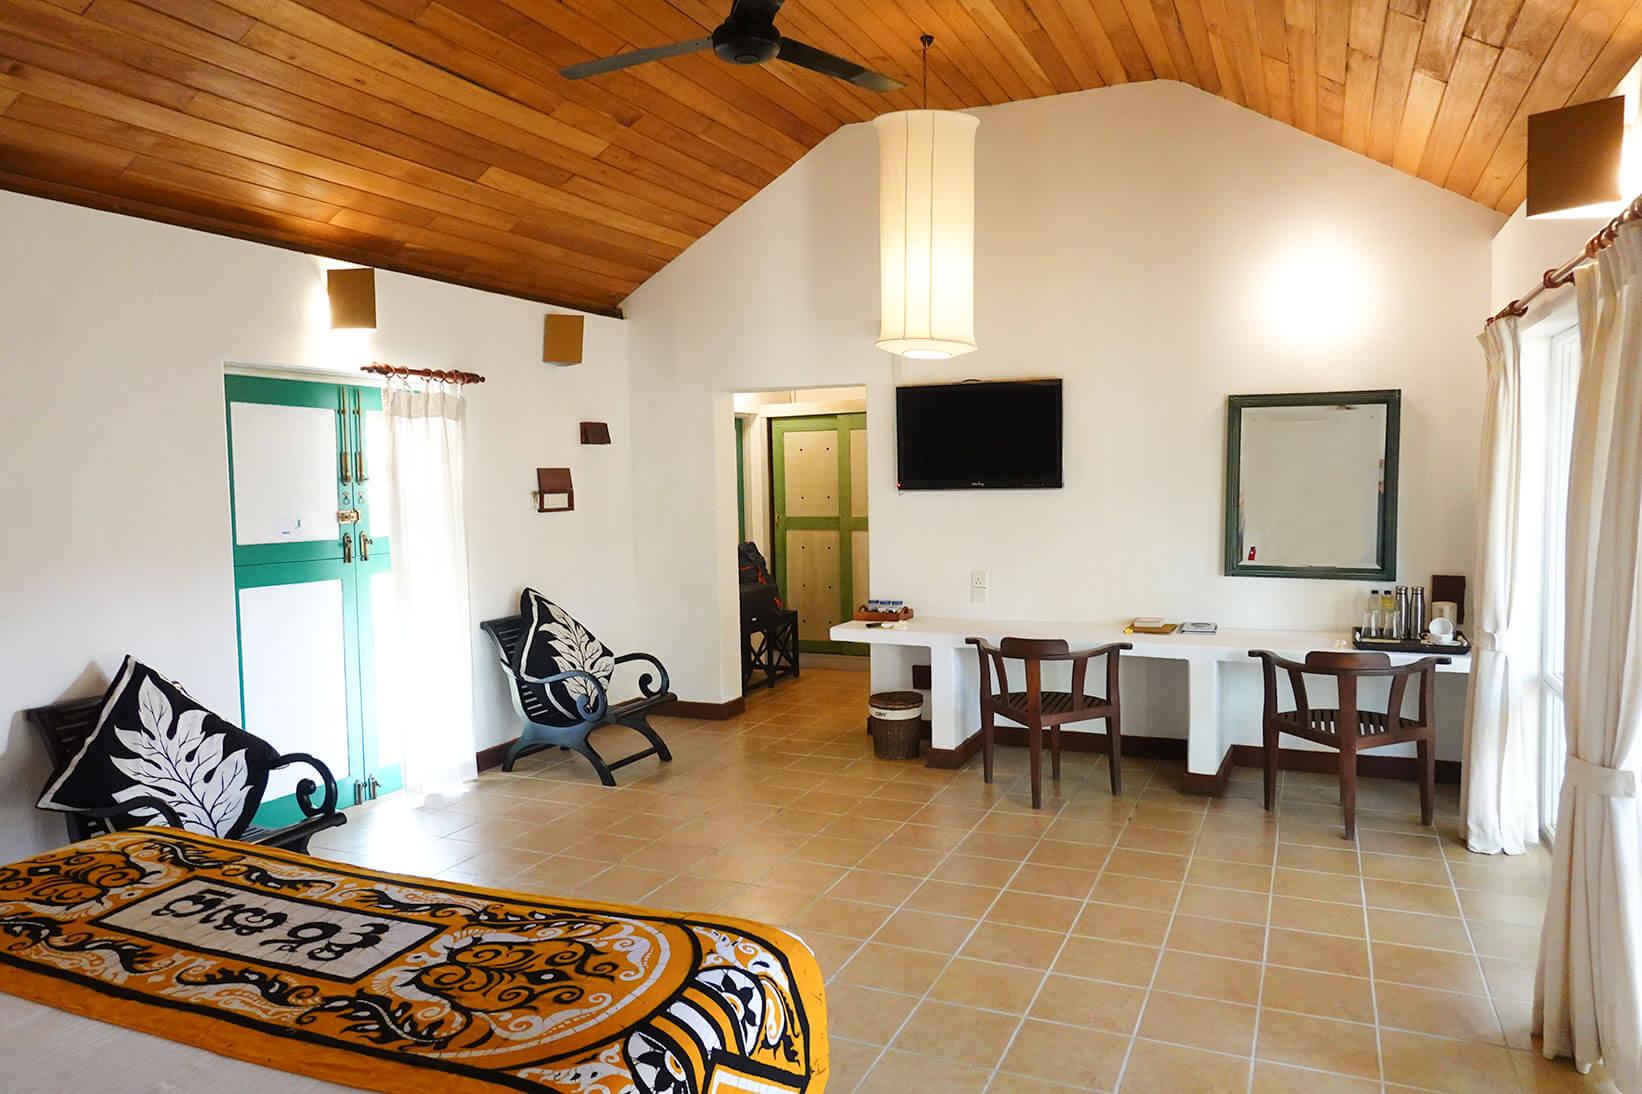 スリランカ・アーユルヴェーダの旅②「リゾート編:Jetwing Ayurveda Pavilions滞在日数と部屋選び」